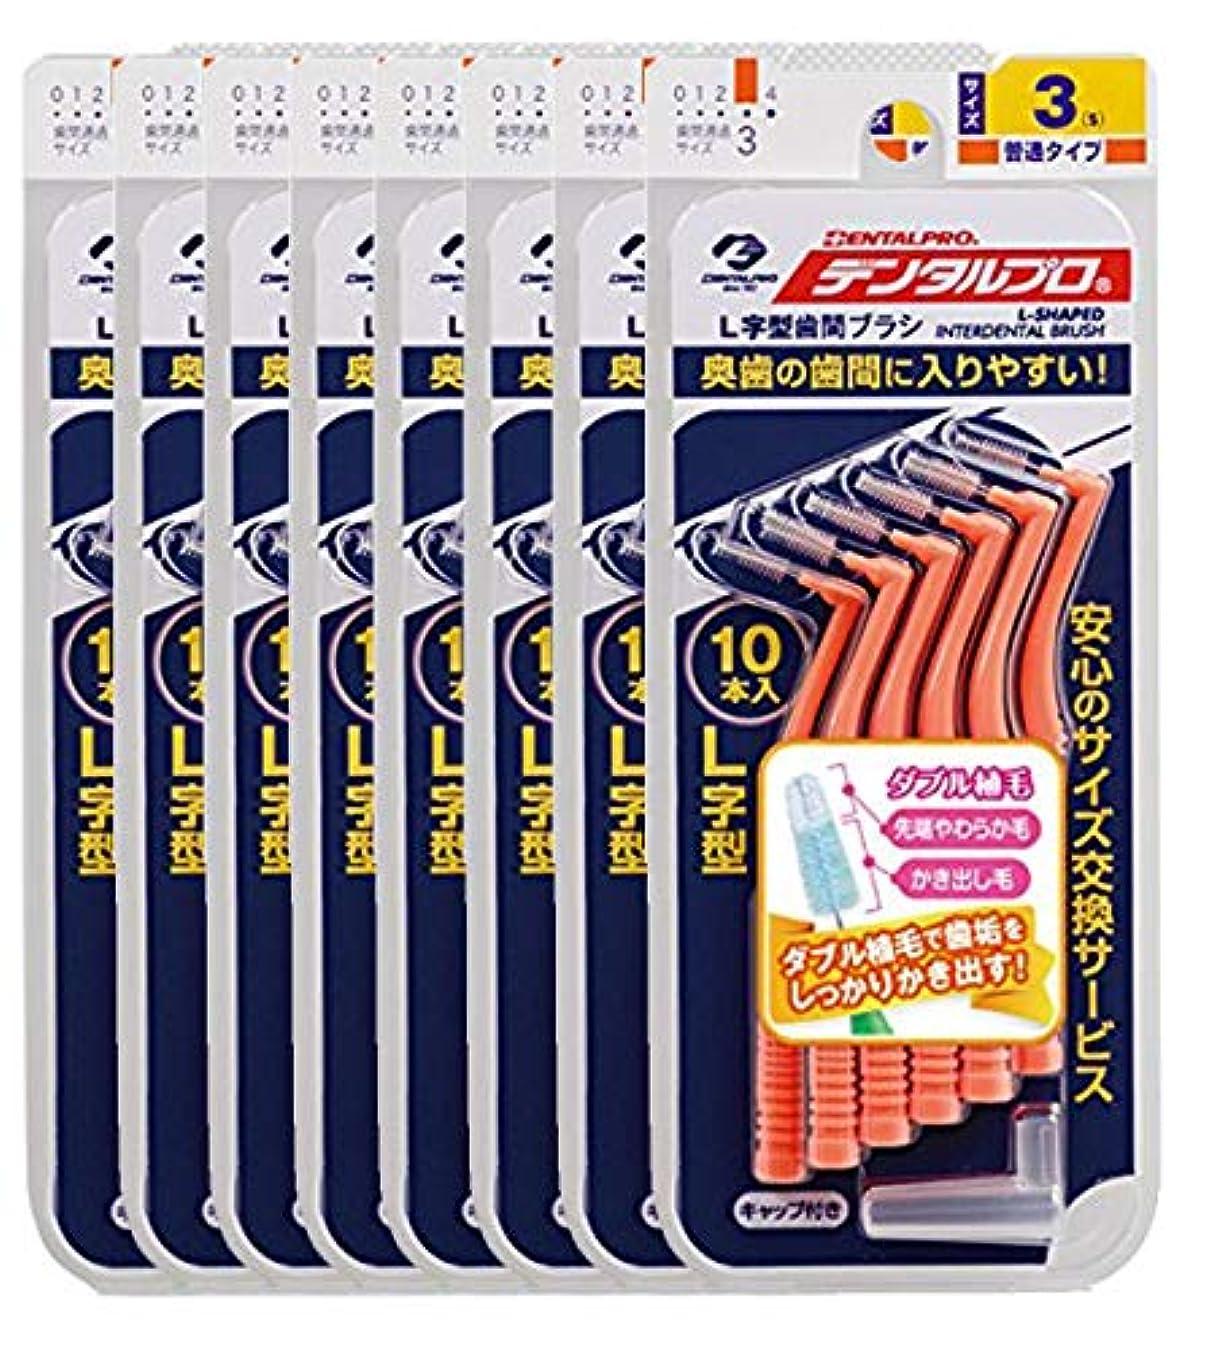 ラップトップ湖きらめきデンタルプロ 歯間ブラシ L字型 サイズ3(S) 10本 × 8個セット